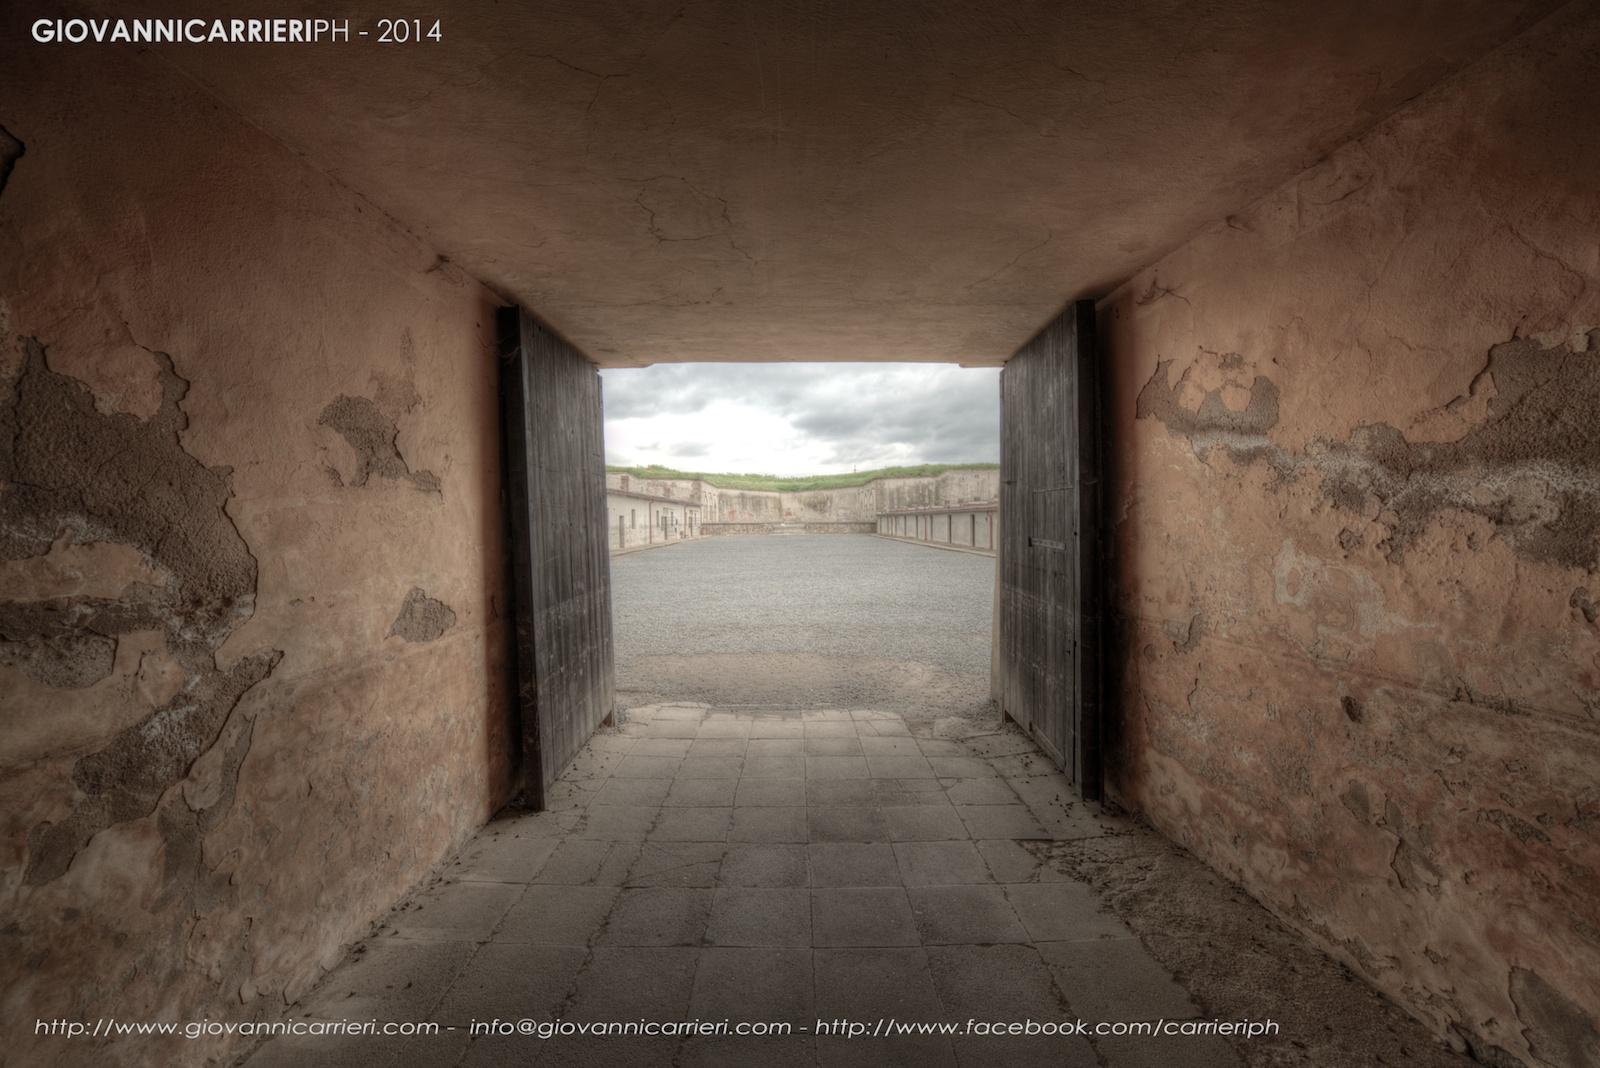 L'ingresso al quarto cortile - Theresienstadt